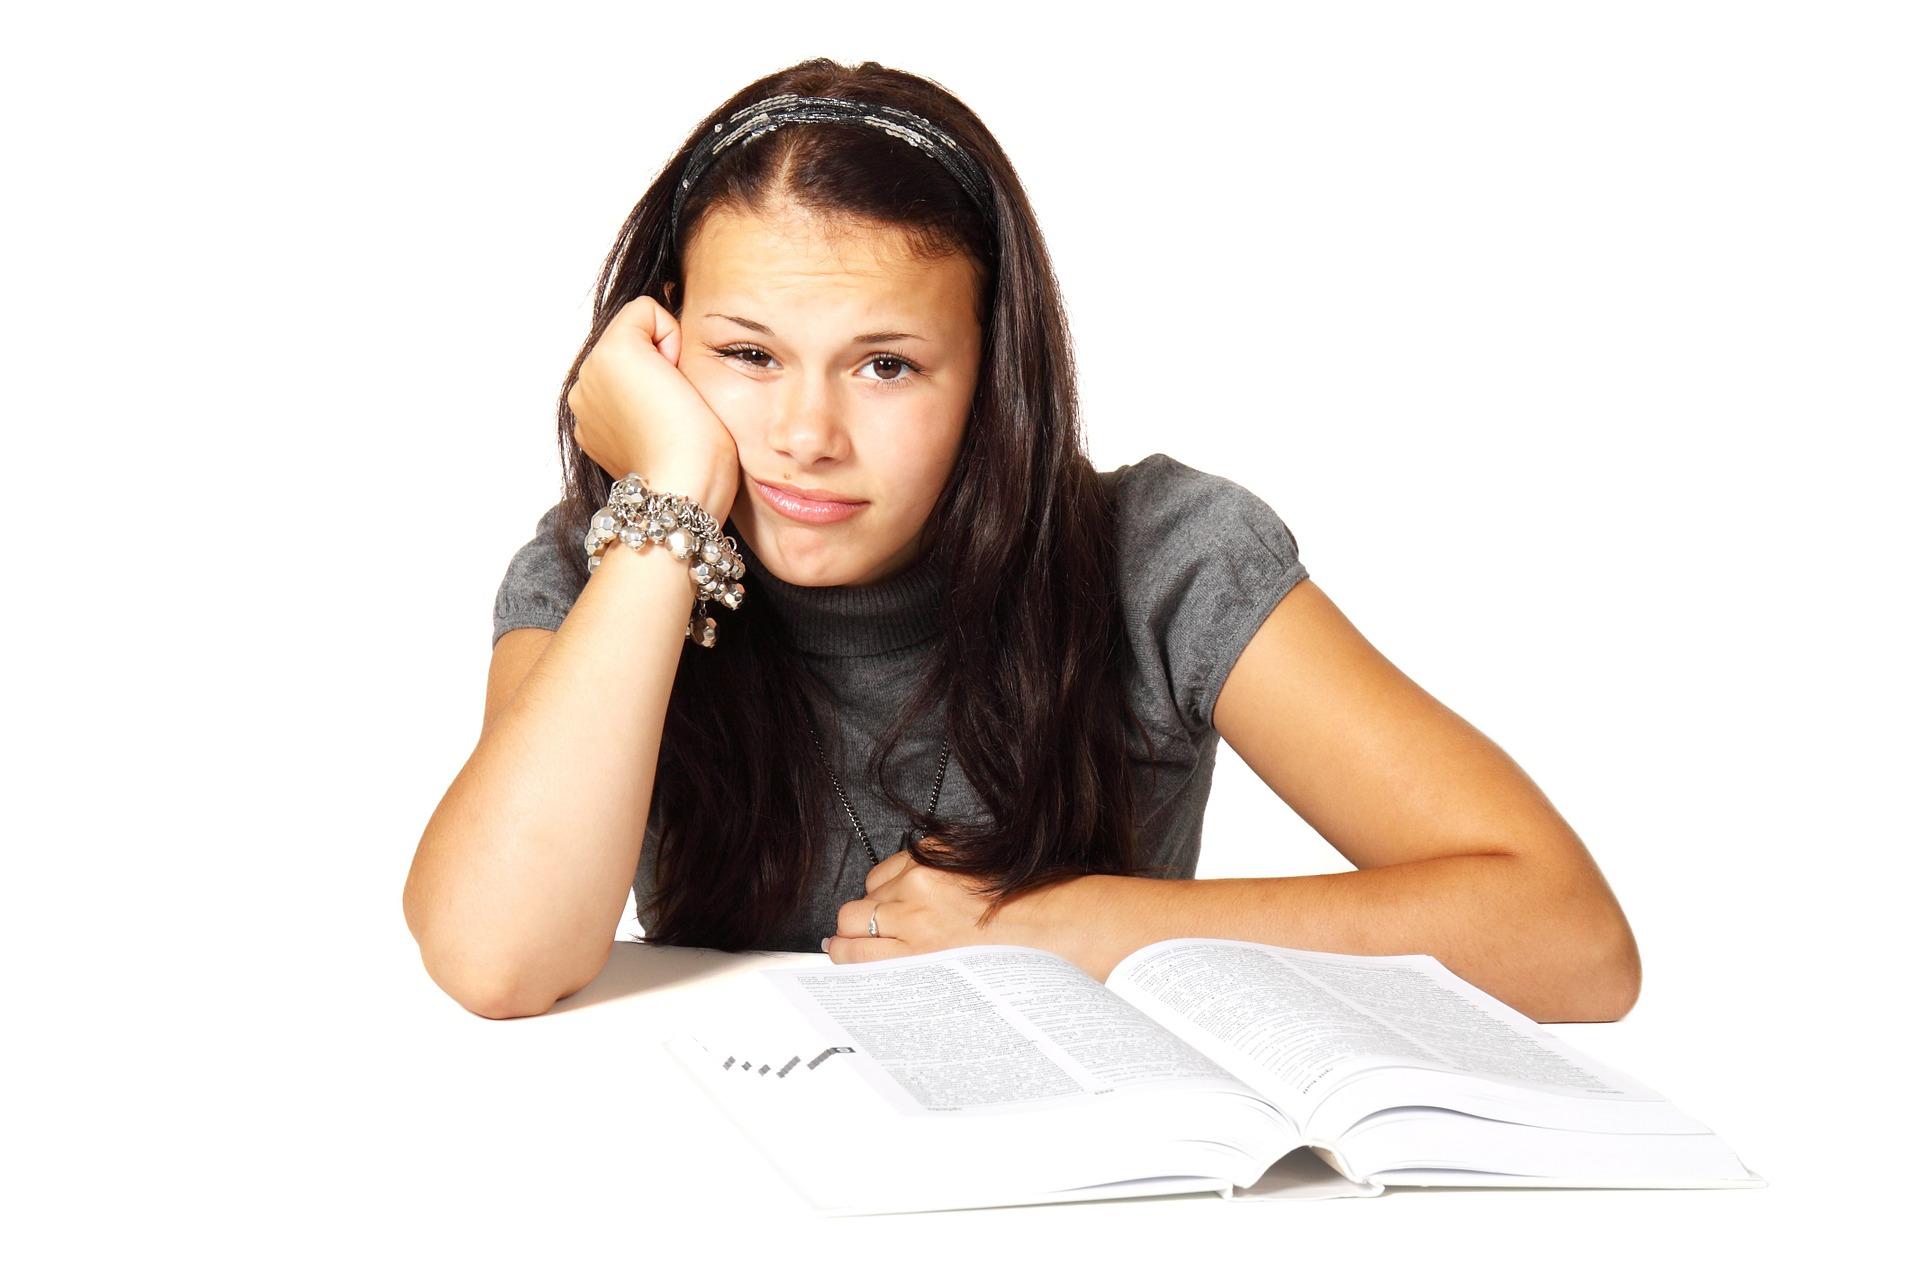 Schulschwierigkeiten - Was nun?